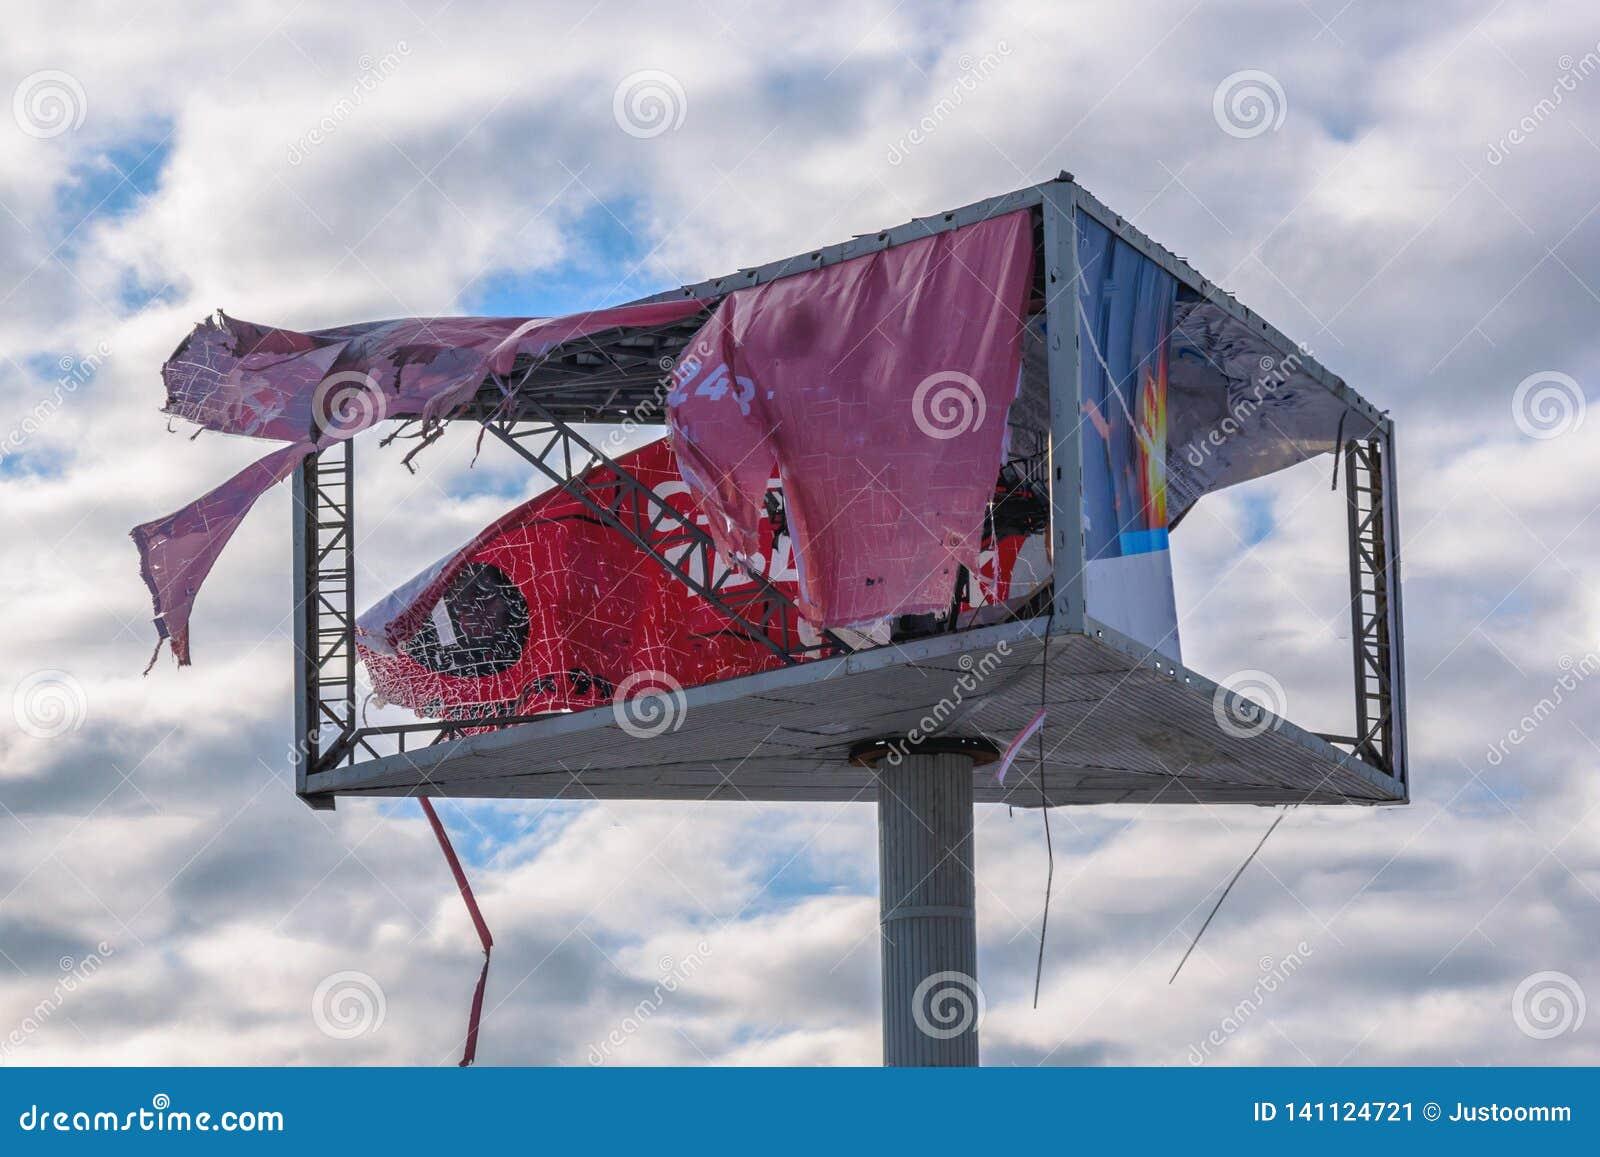 Openluchtdie reclamebanner door de wind wordt gescheurd